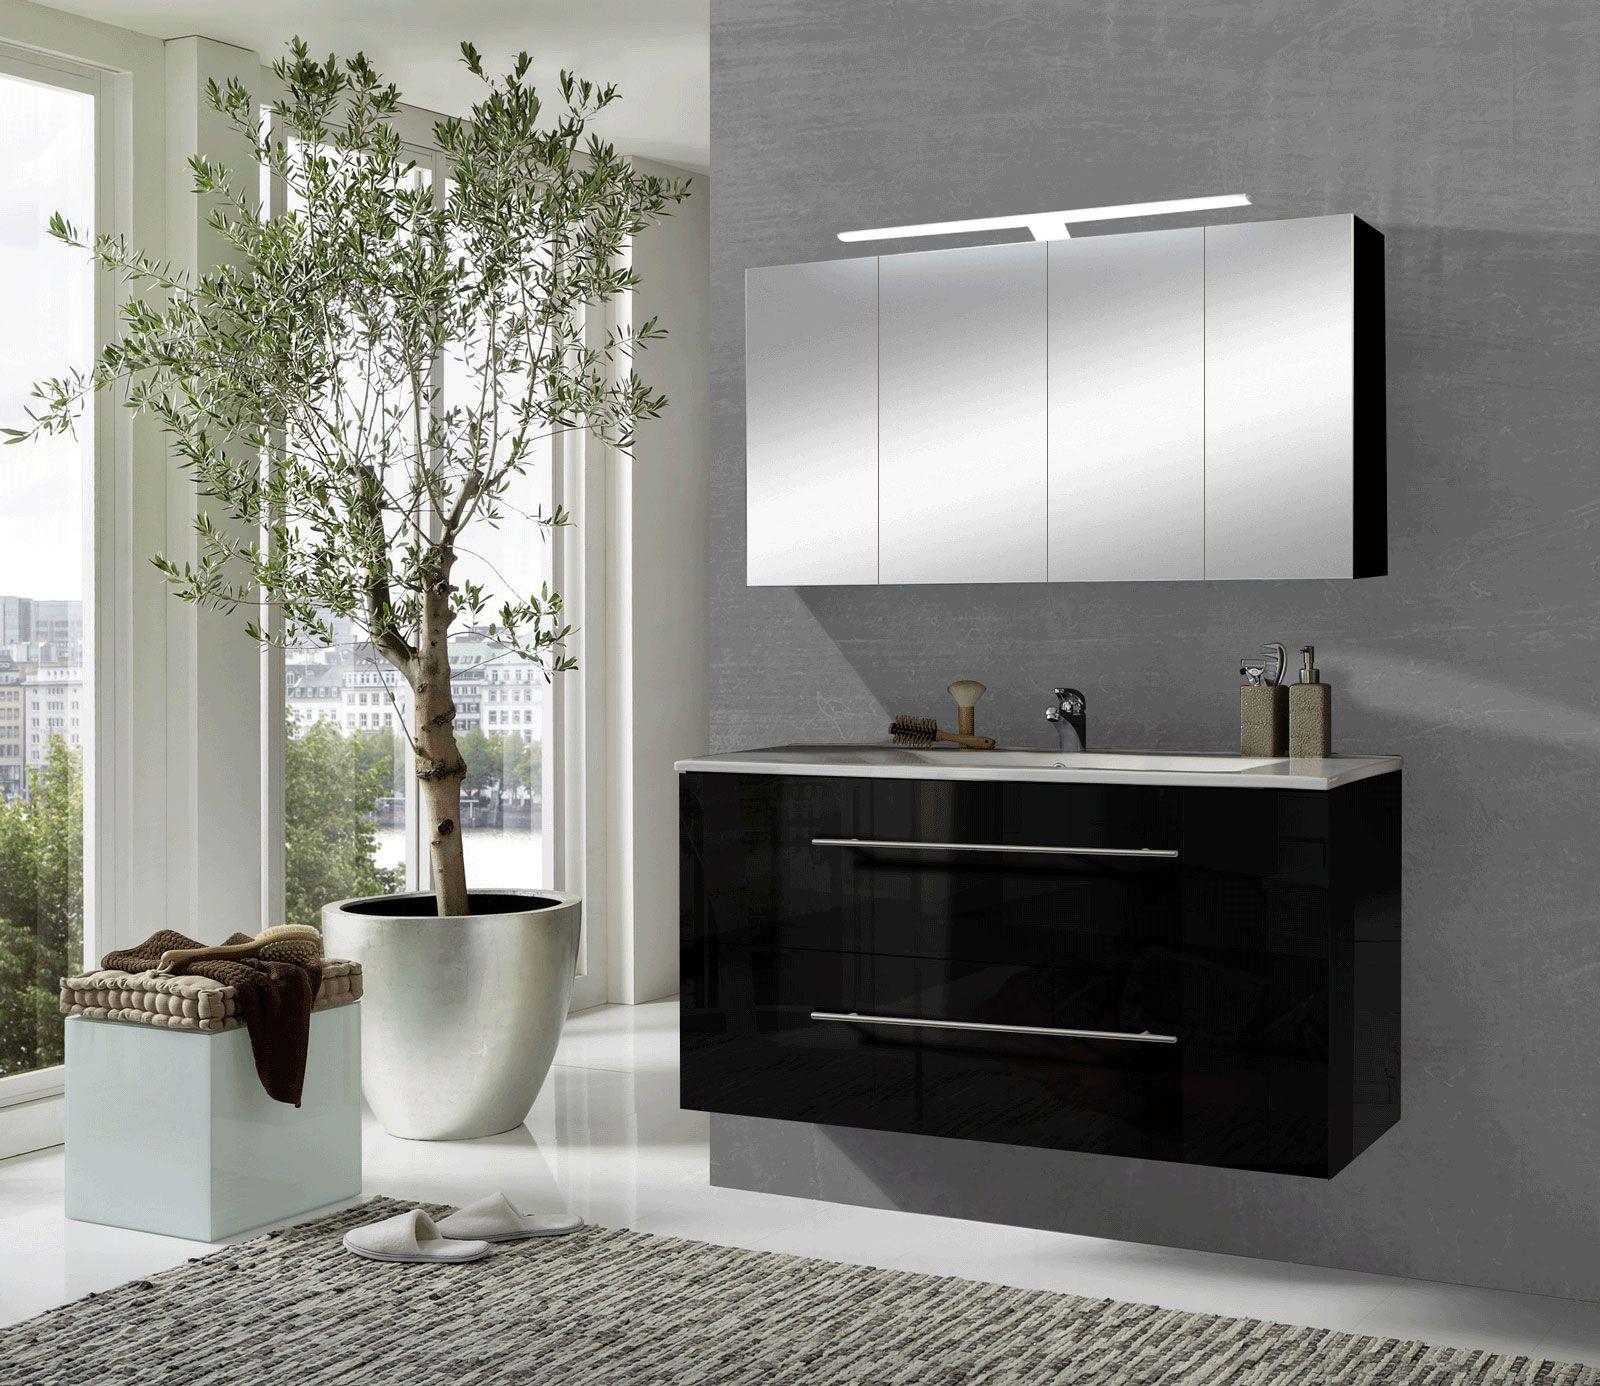 SAM® 2tlg. Badezimmer Spiegelschrank schwarz 120 cm Rom